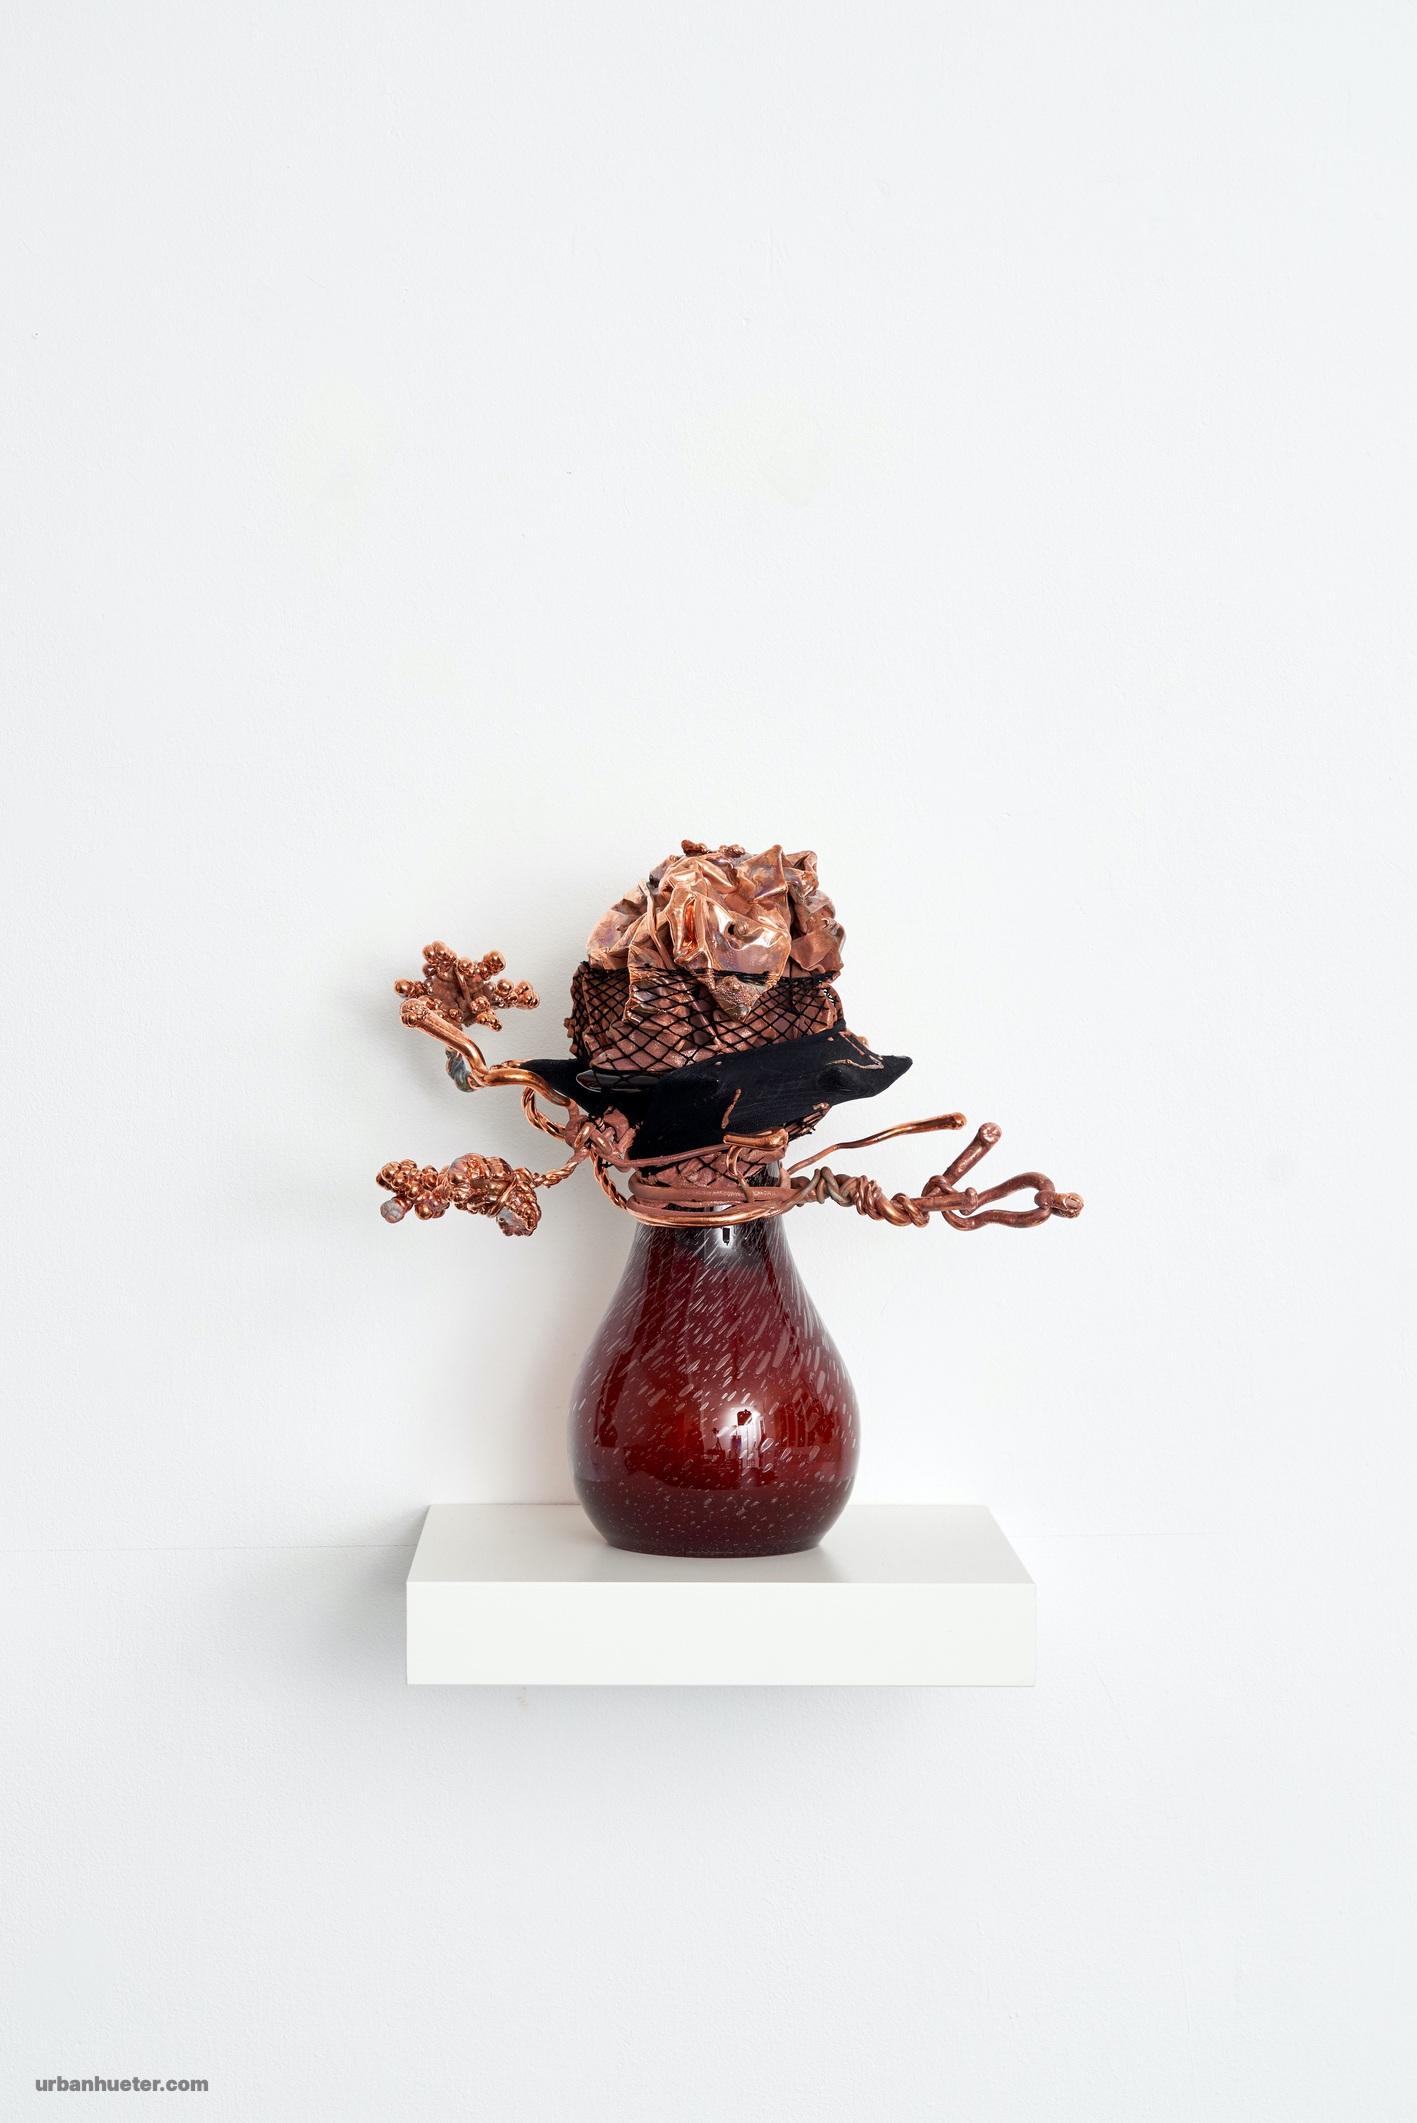 Foto-13-Vase-3-2021-Glas-Nylon-Kupfer-36-x-36-x-23-cm